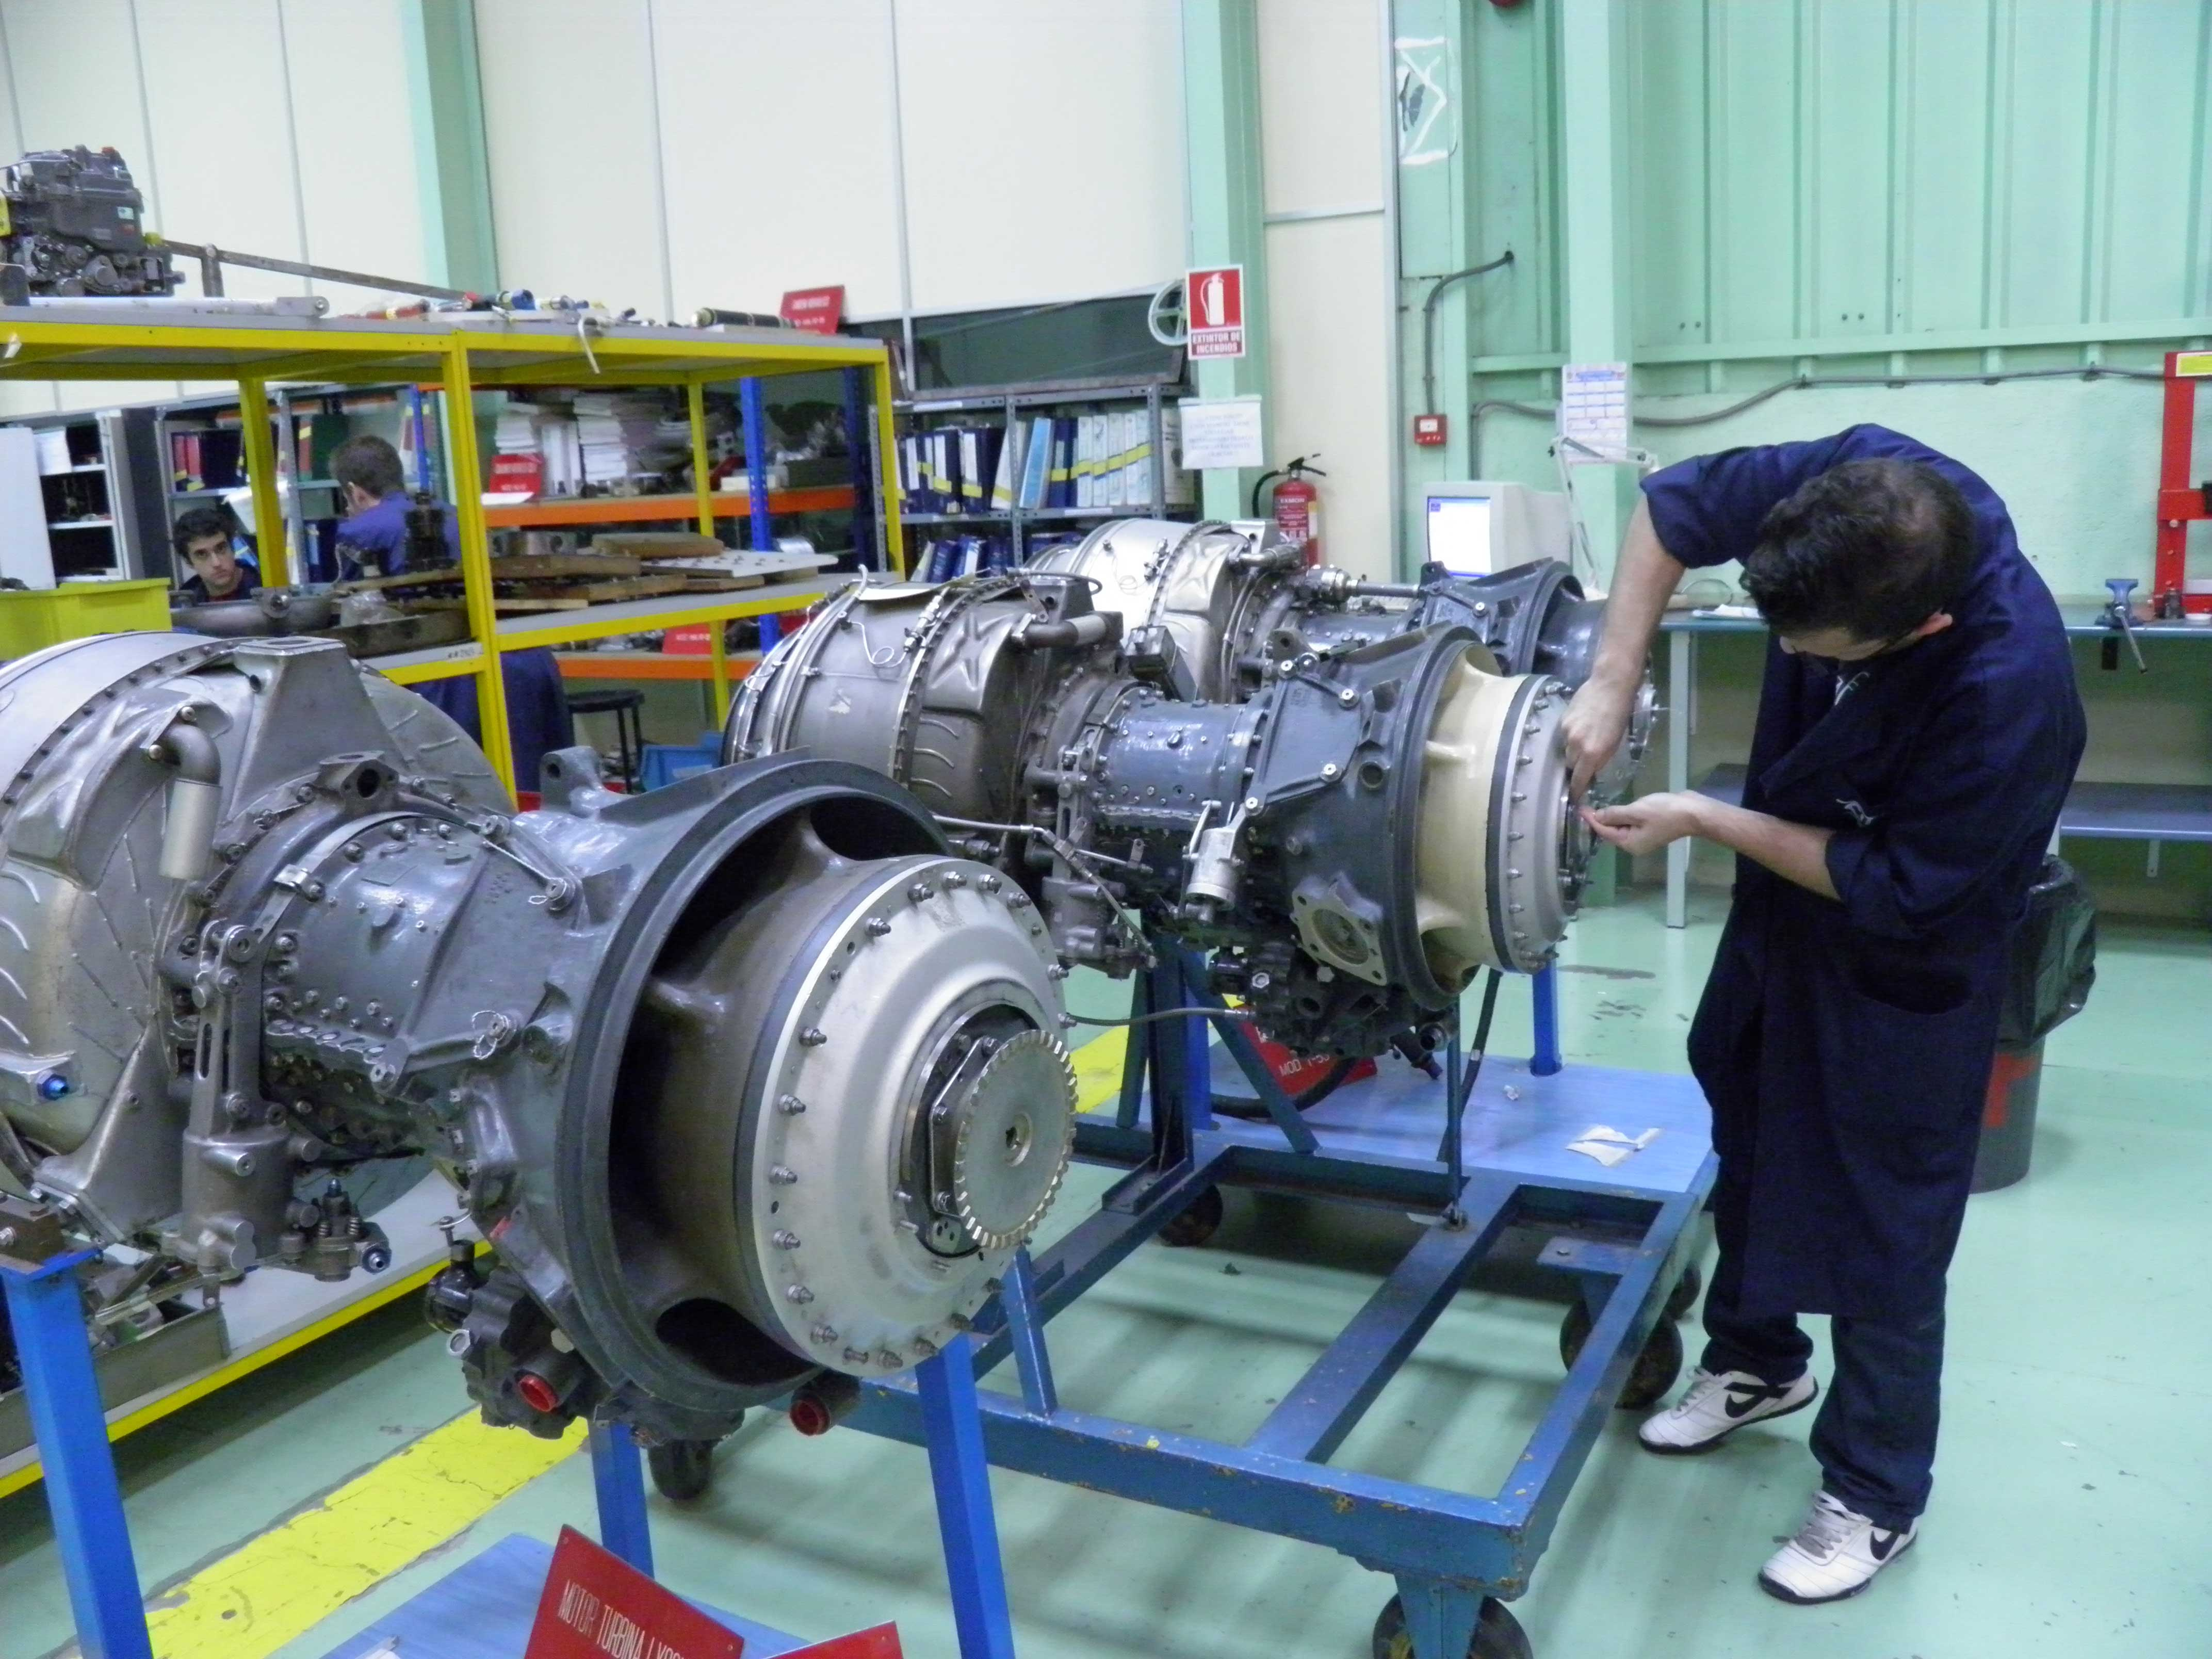 CITHE, centro de formación de técnicos de mantenimiento,organiza uan jornada de puertas abiertas el próximo 11 de junio